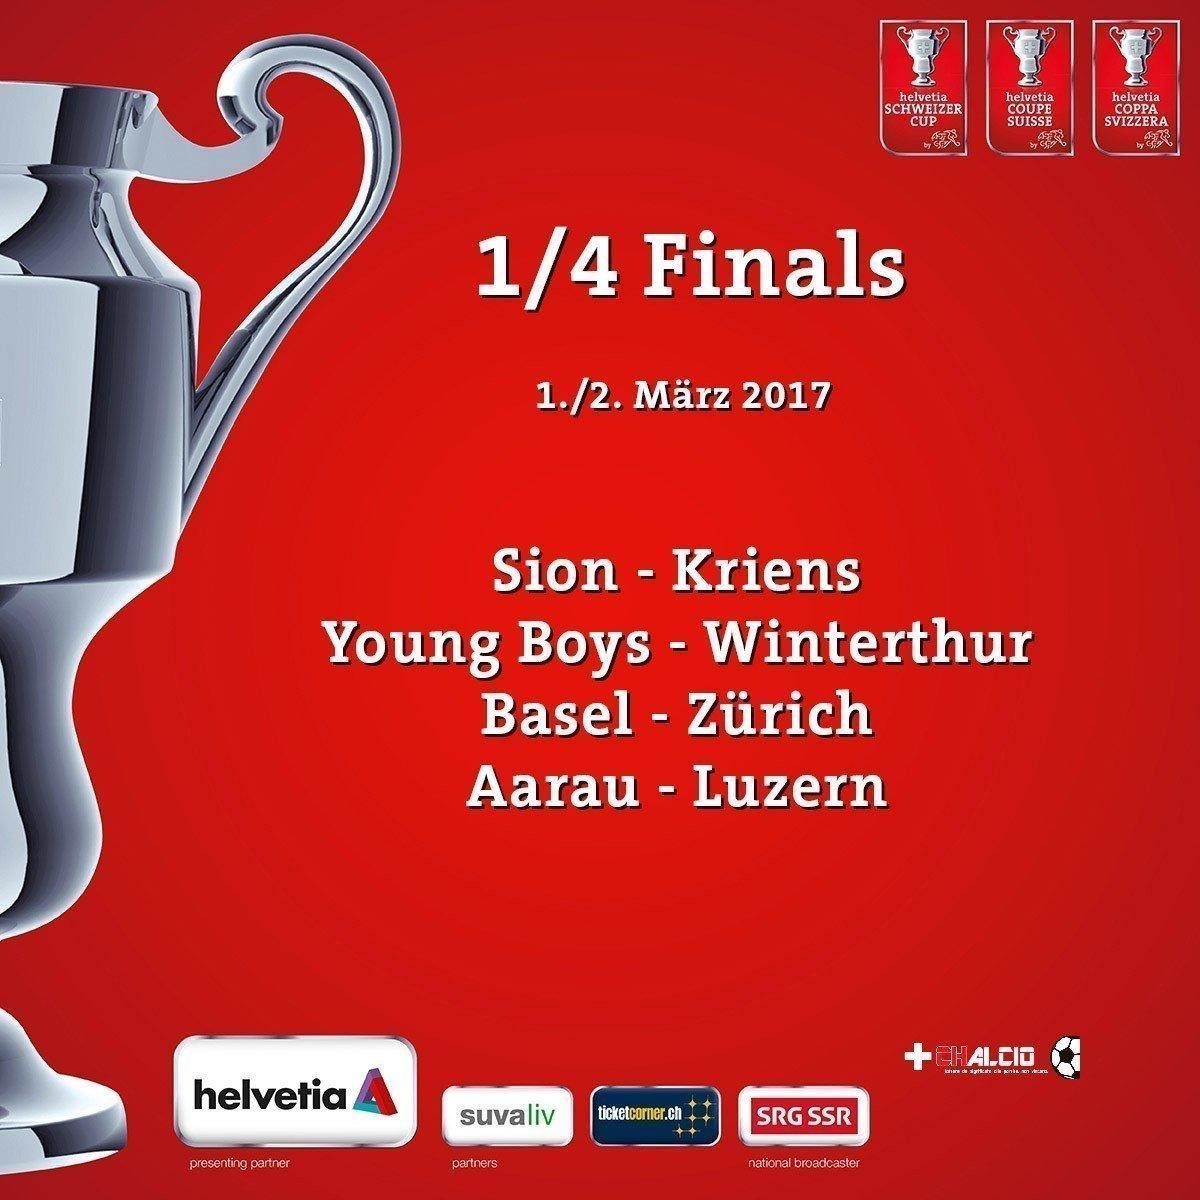 Coppa: Da domani prevendita per Basilea-Zurigo